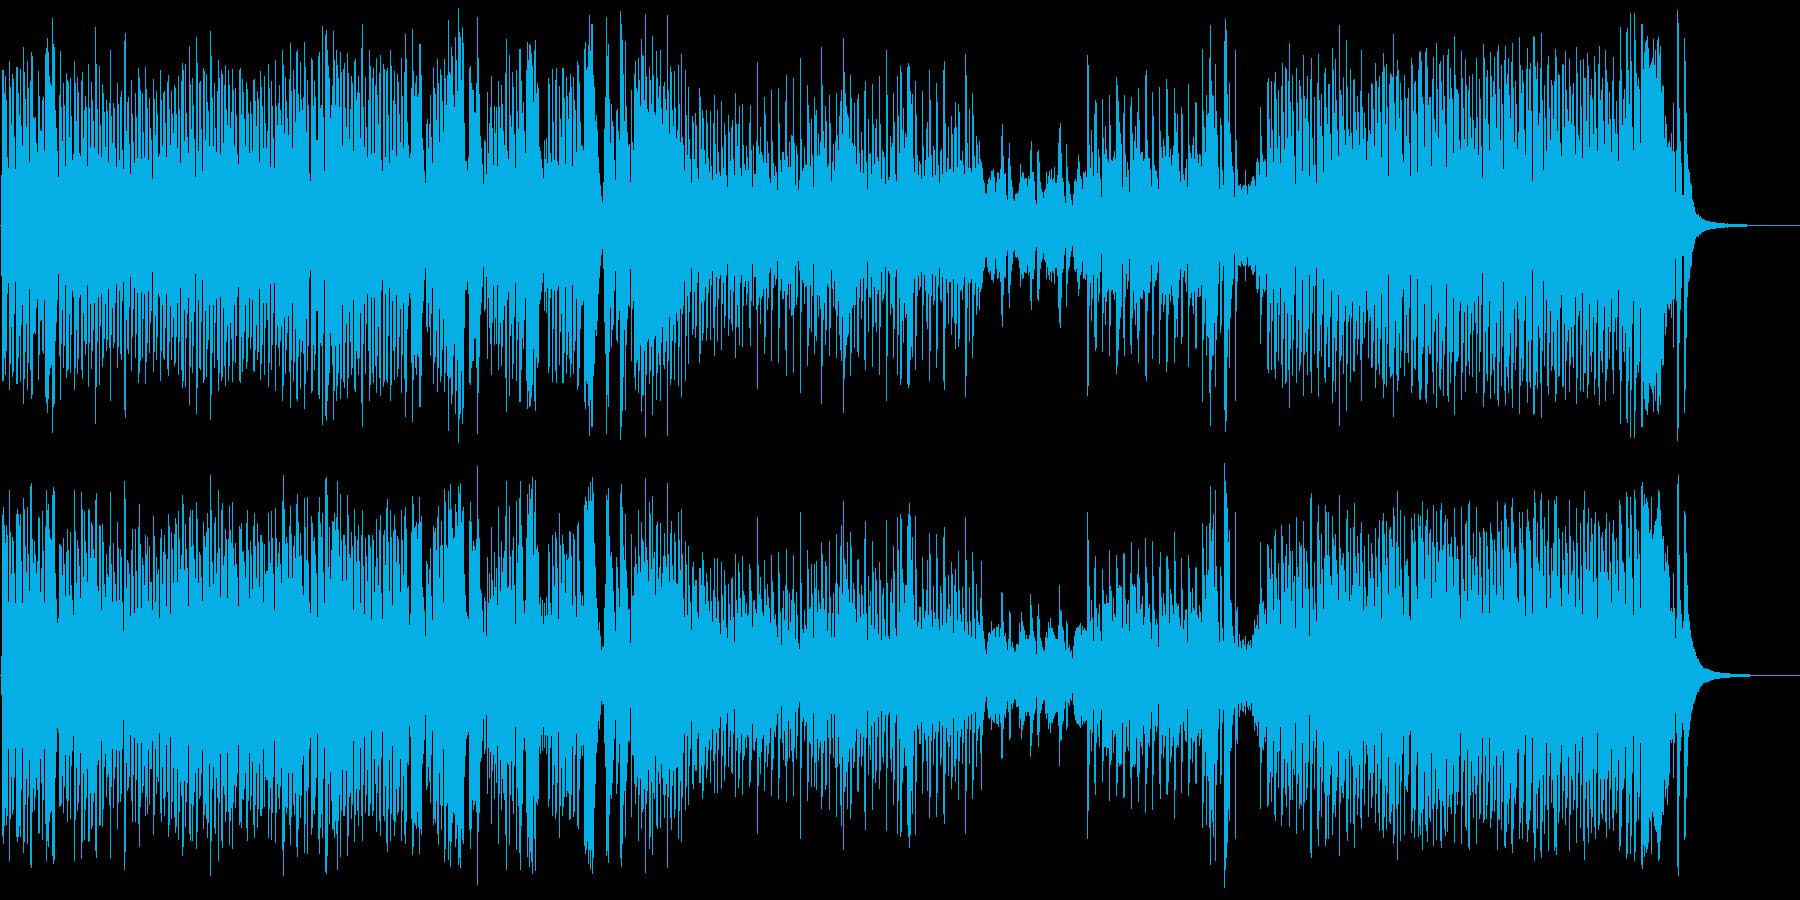 明るく楽しく少し奇妙でポップな曲の再生済みの波形